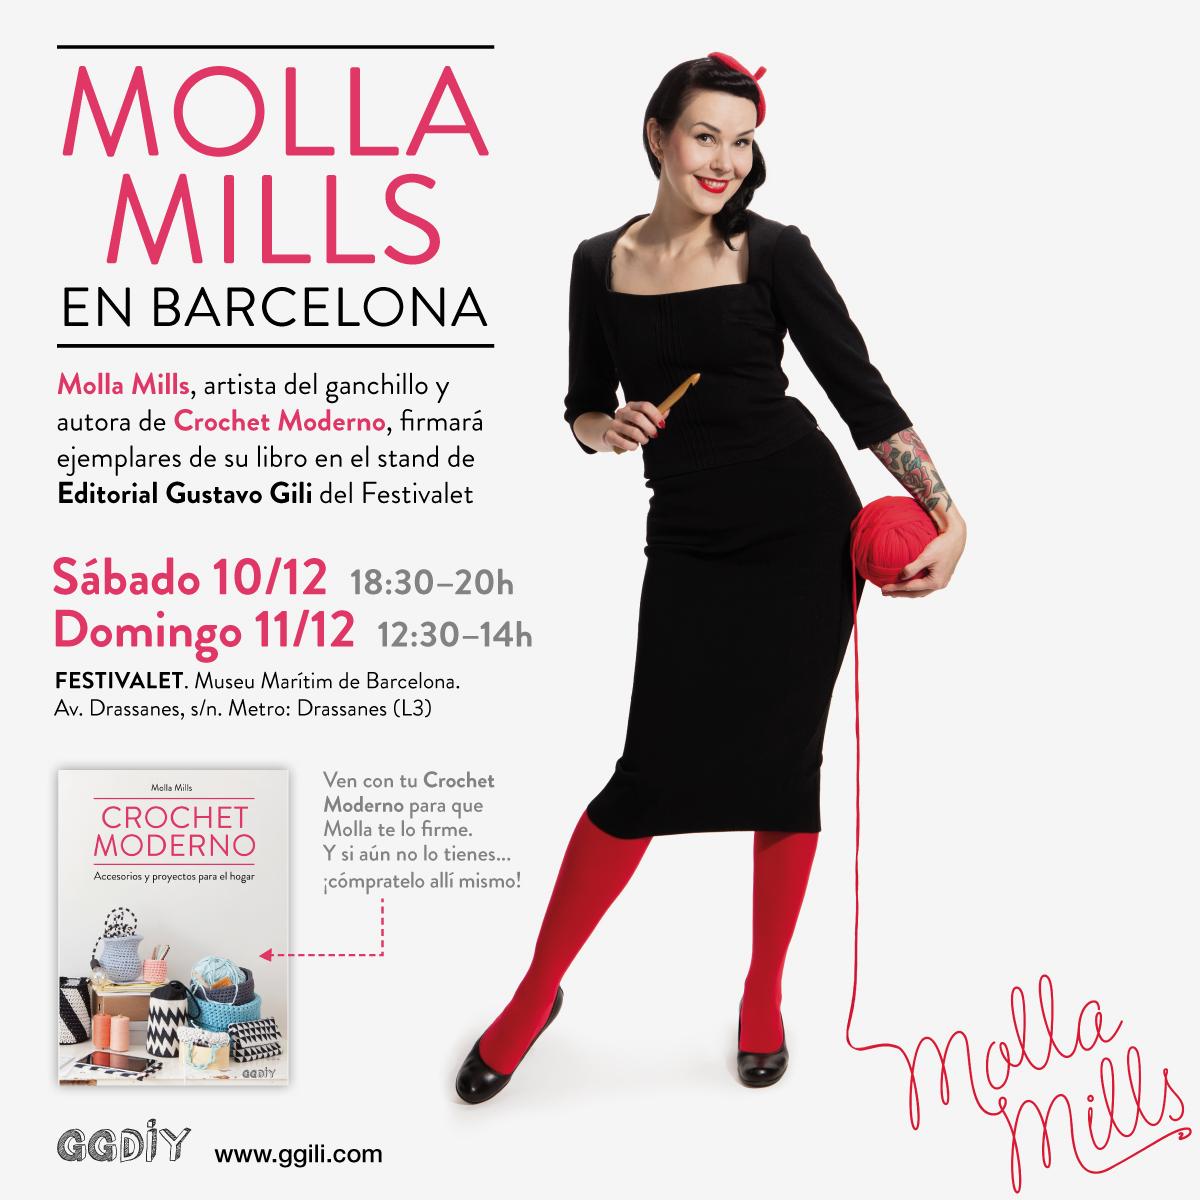 Diciembre de crochet > ¿Quieres conocer a Molla Mills y a las Ganchitos en persona?